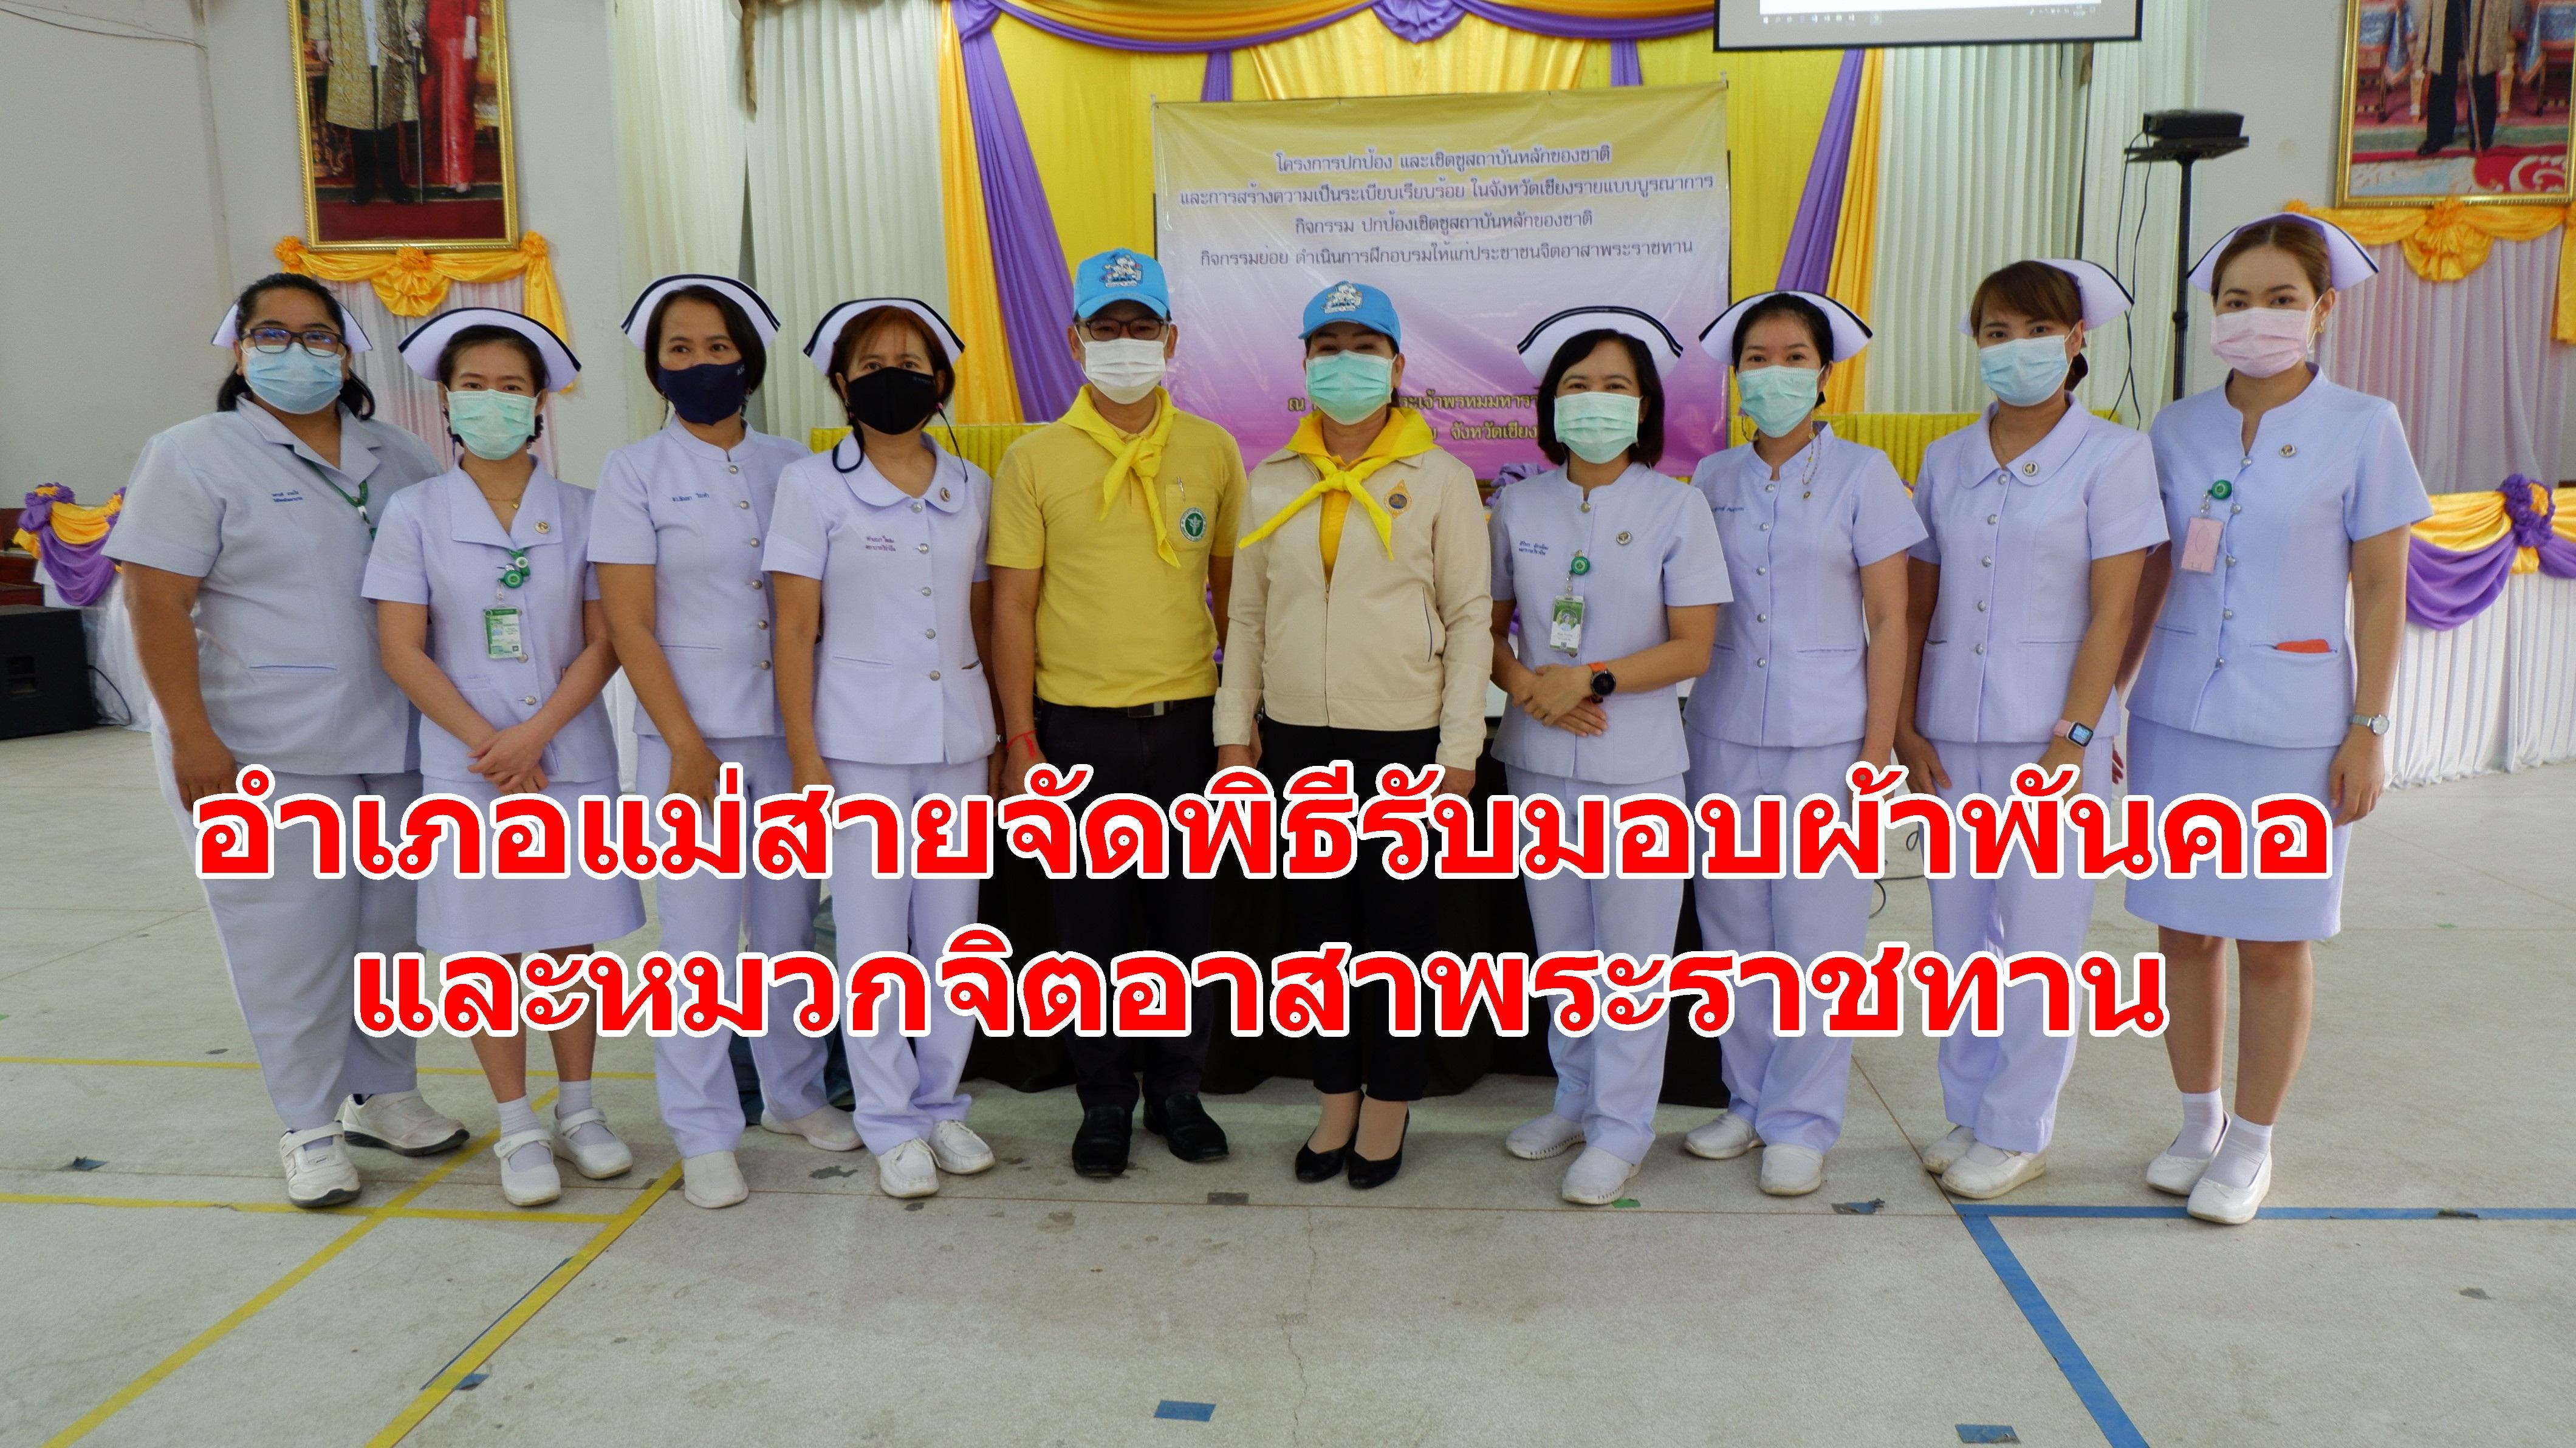 อำเภอแม่สาย จัดพิธีรับมอบผ้าพันคอและหมวกจิตอาสาพระราชทาน